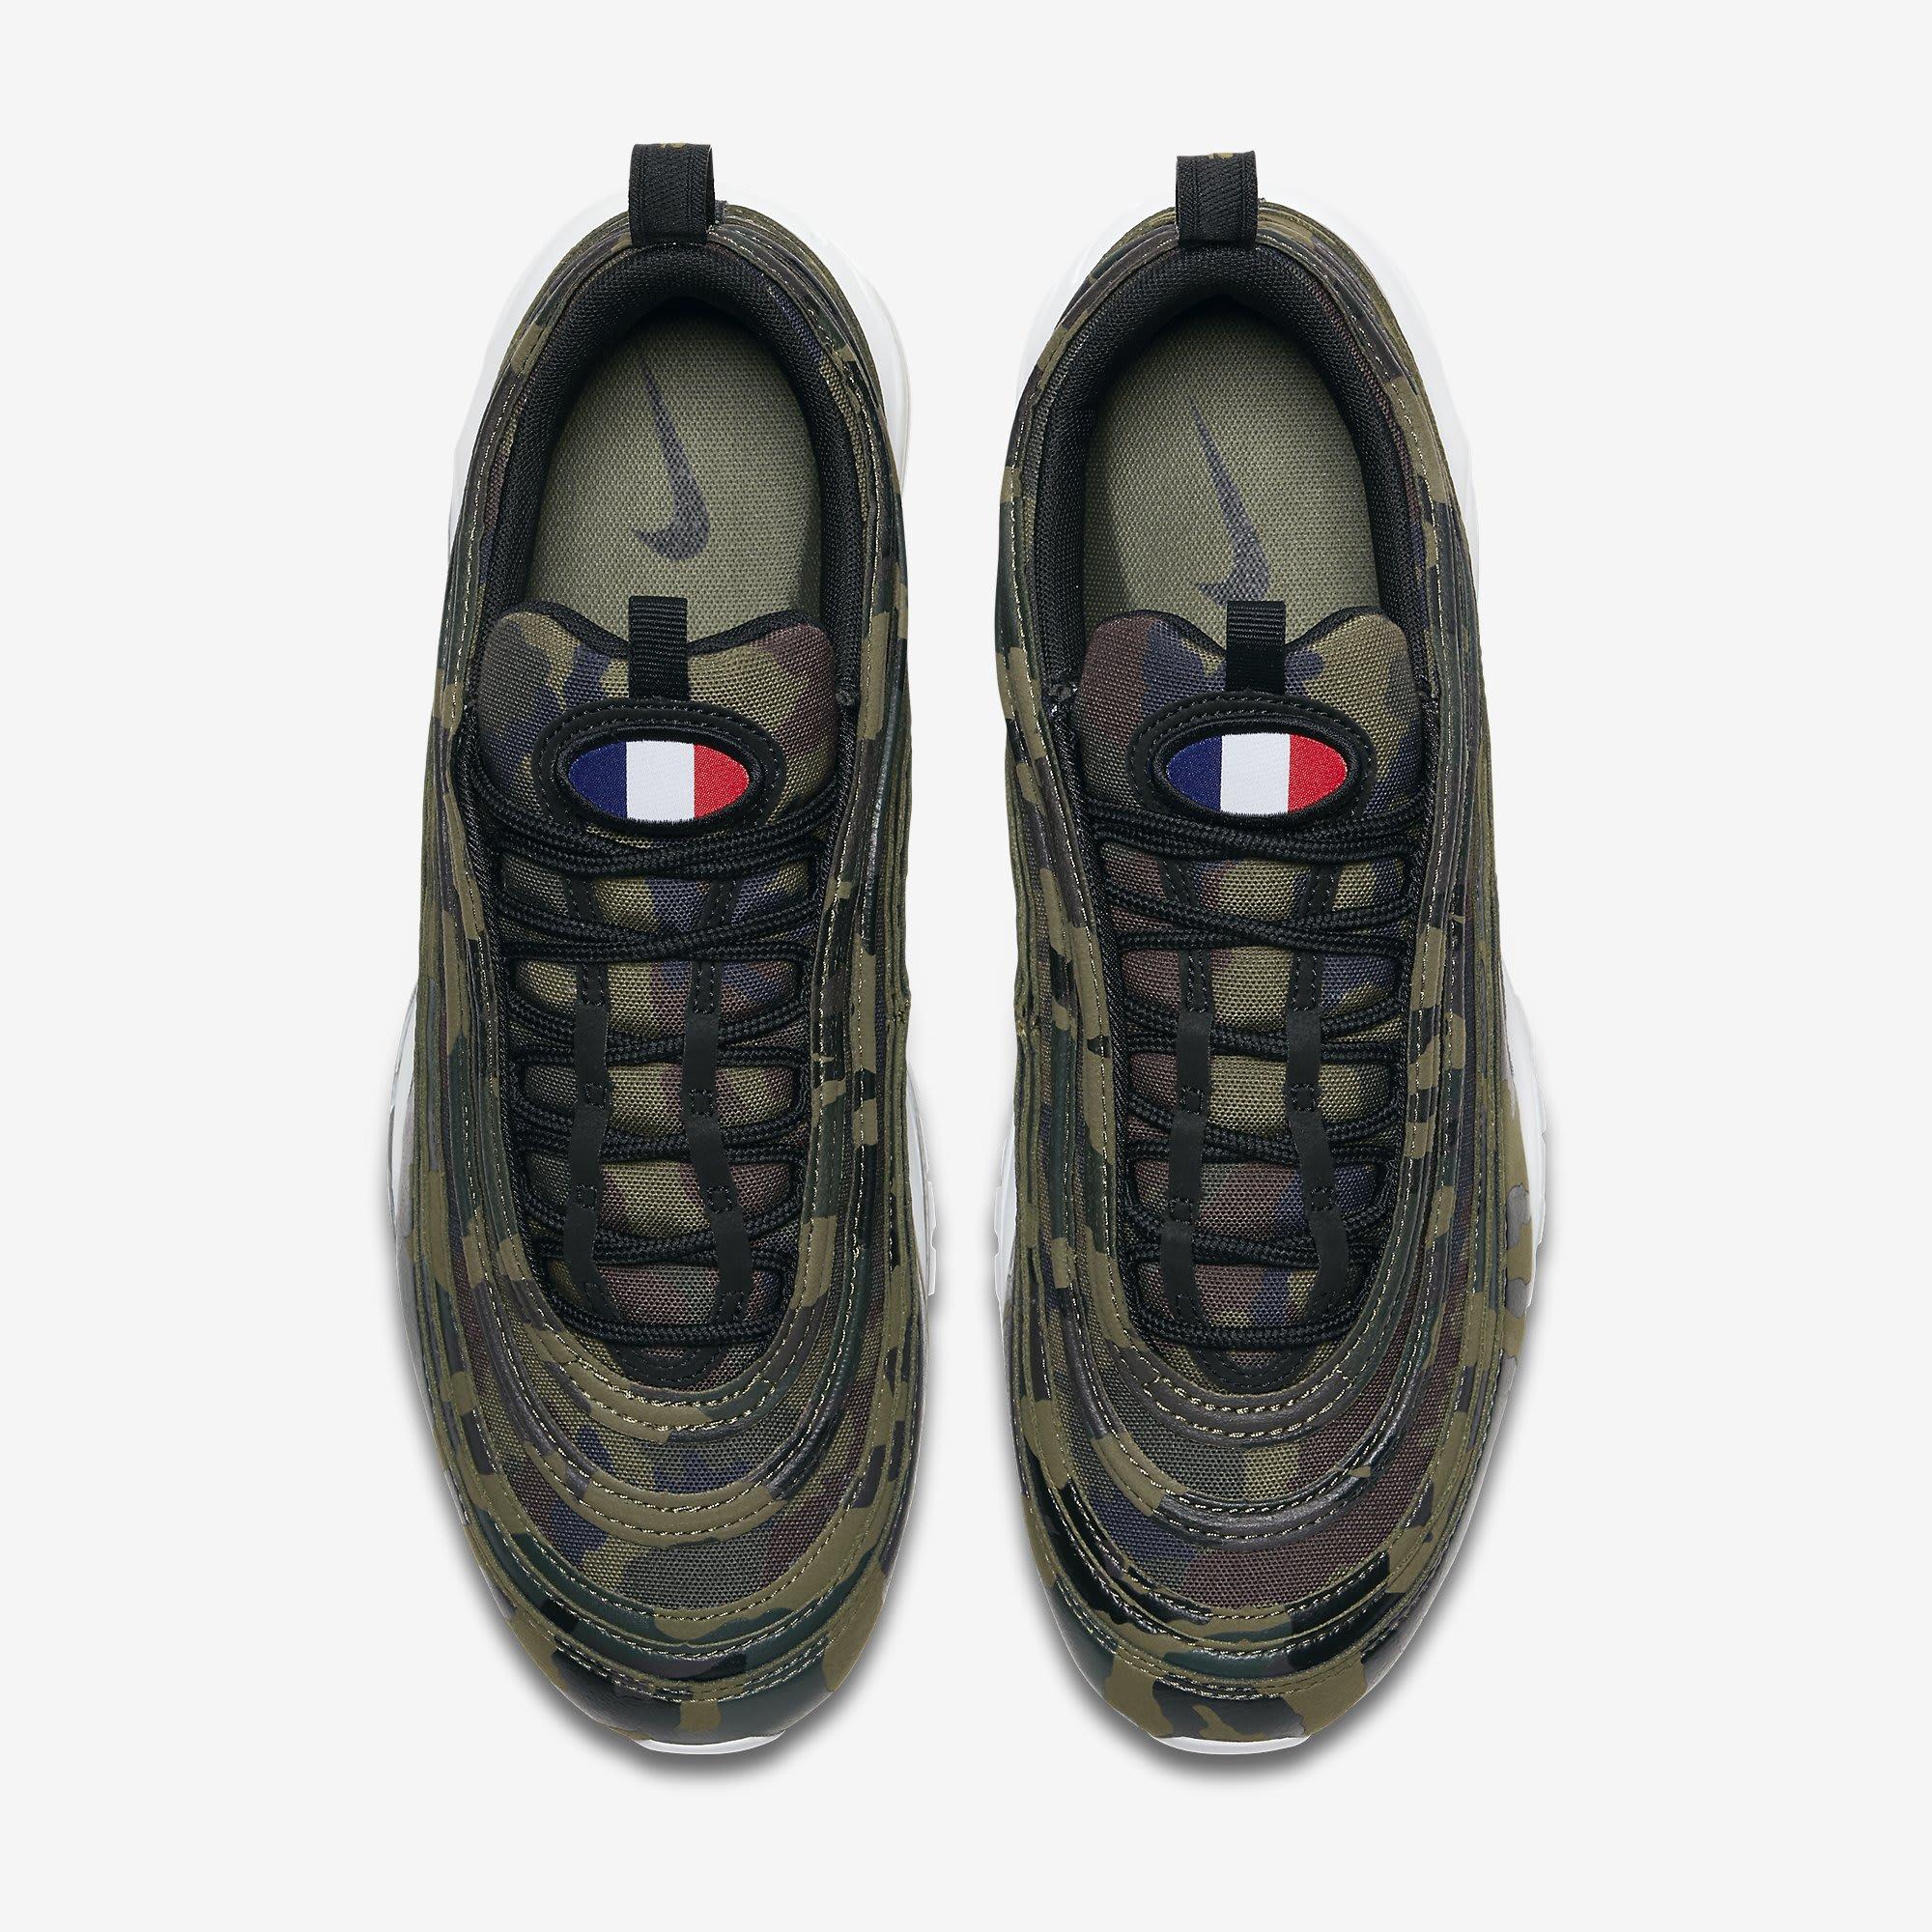 Nike Air Max 97 'Country Camo' France AJ2614-200 (Top)